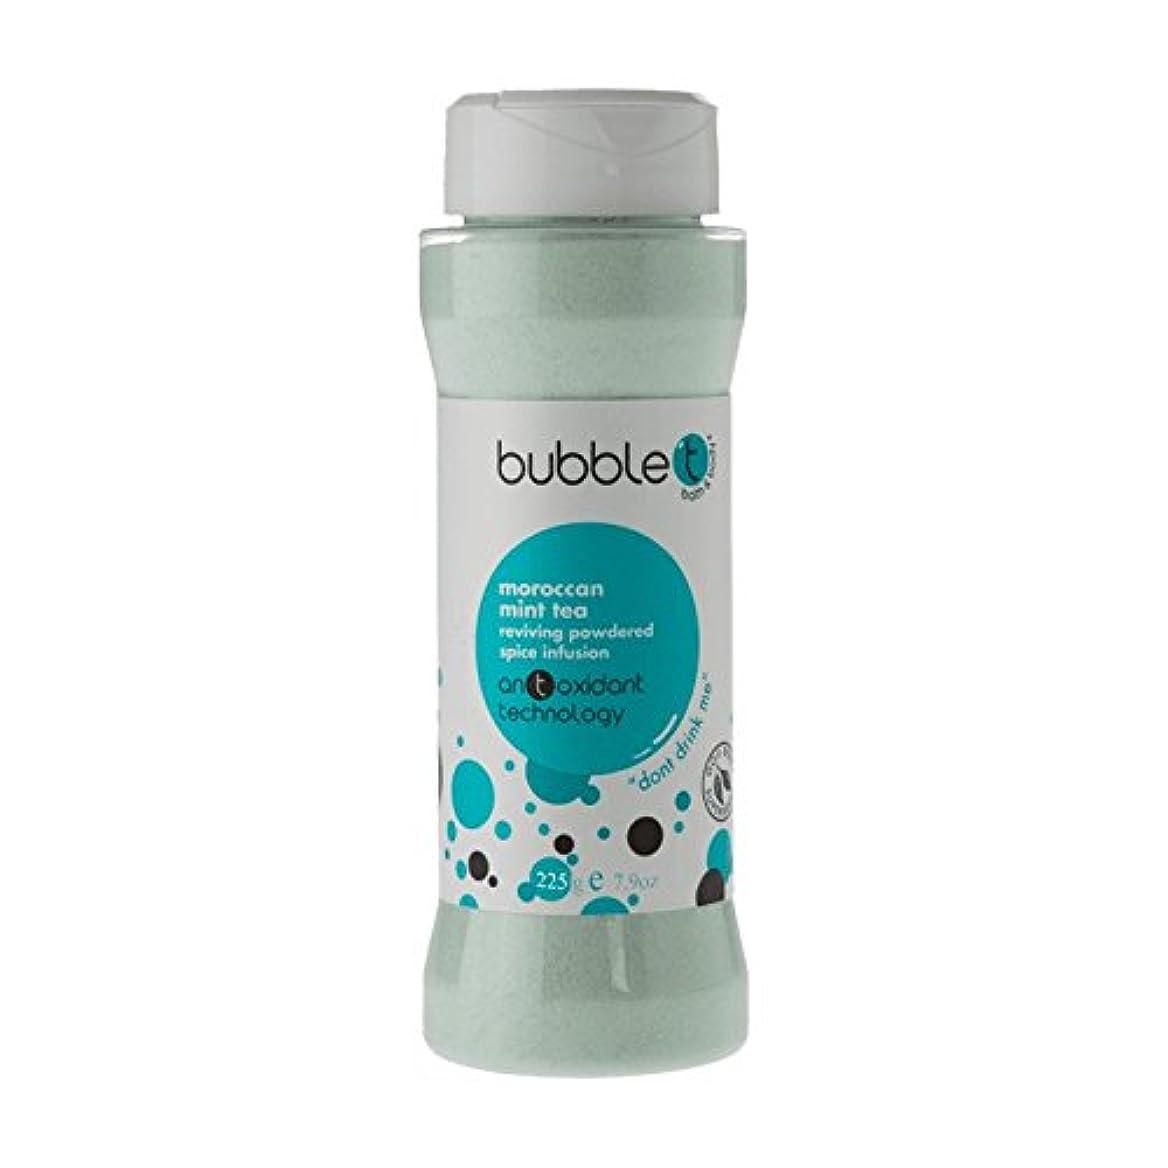 隔離規範消費するバブルトン風呂スパイス注入モロッコのミントティー225グラム - Bubble T Bath Spice Infusion Morrocan Mint Tea 225g (Bubble T) [並行輸入品]